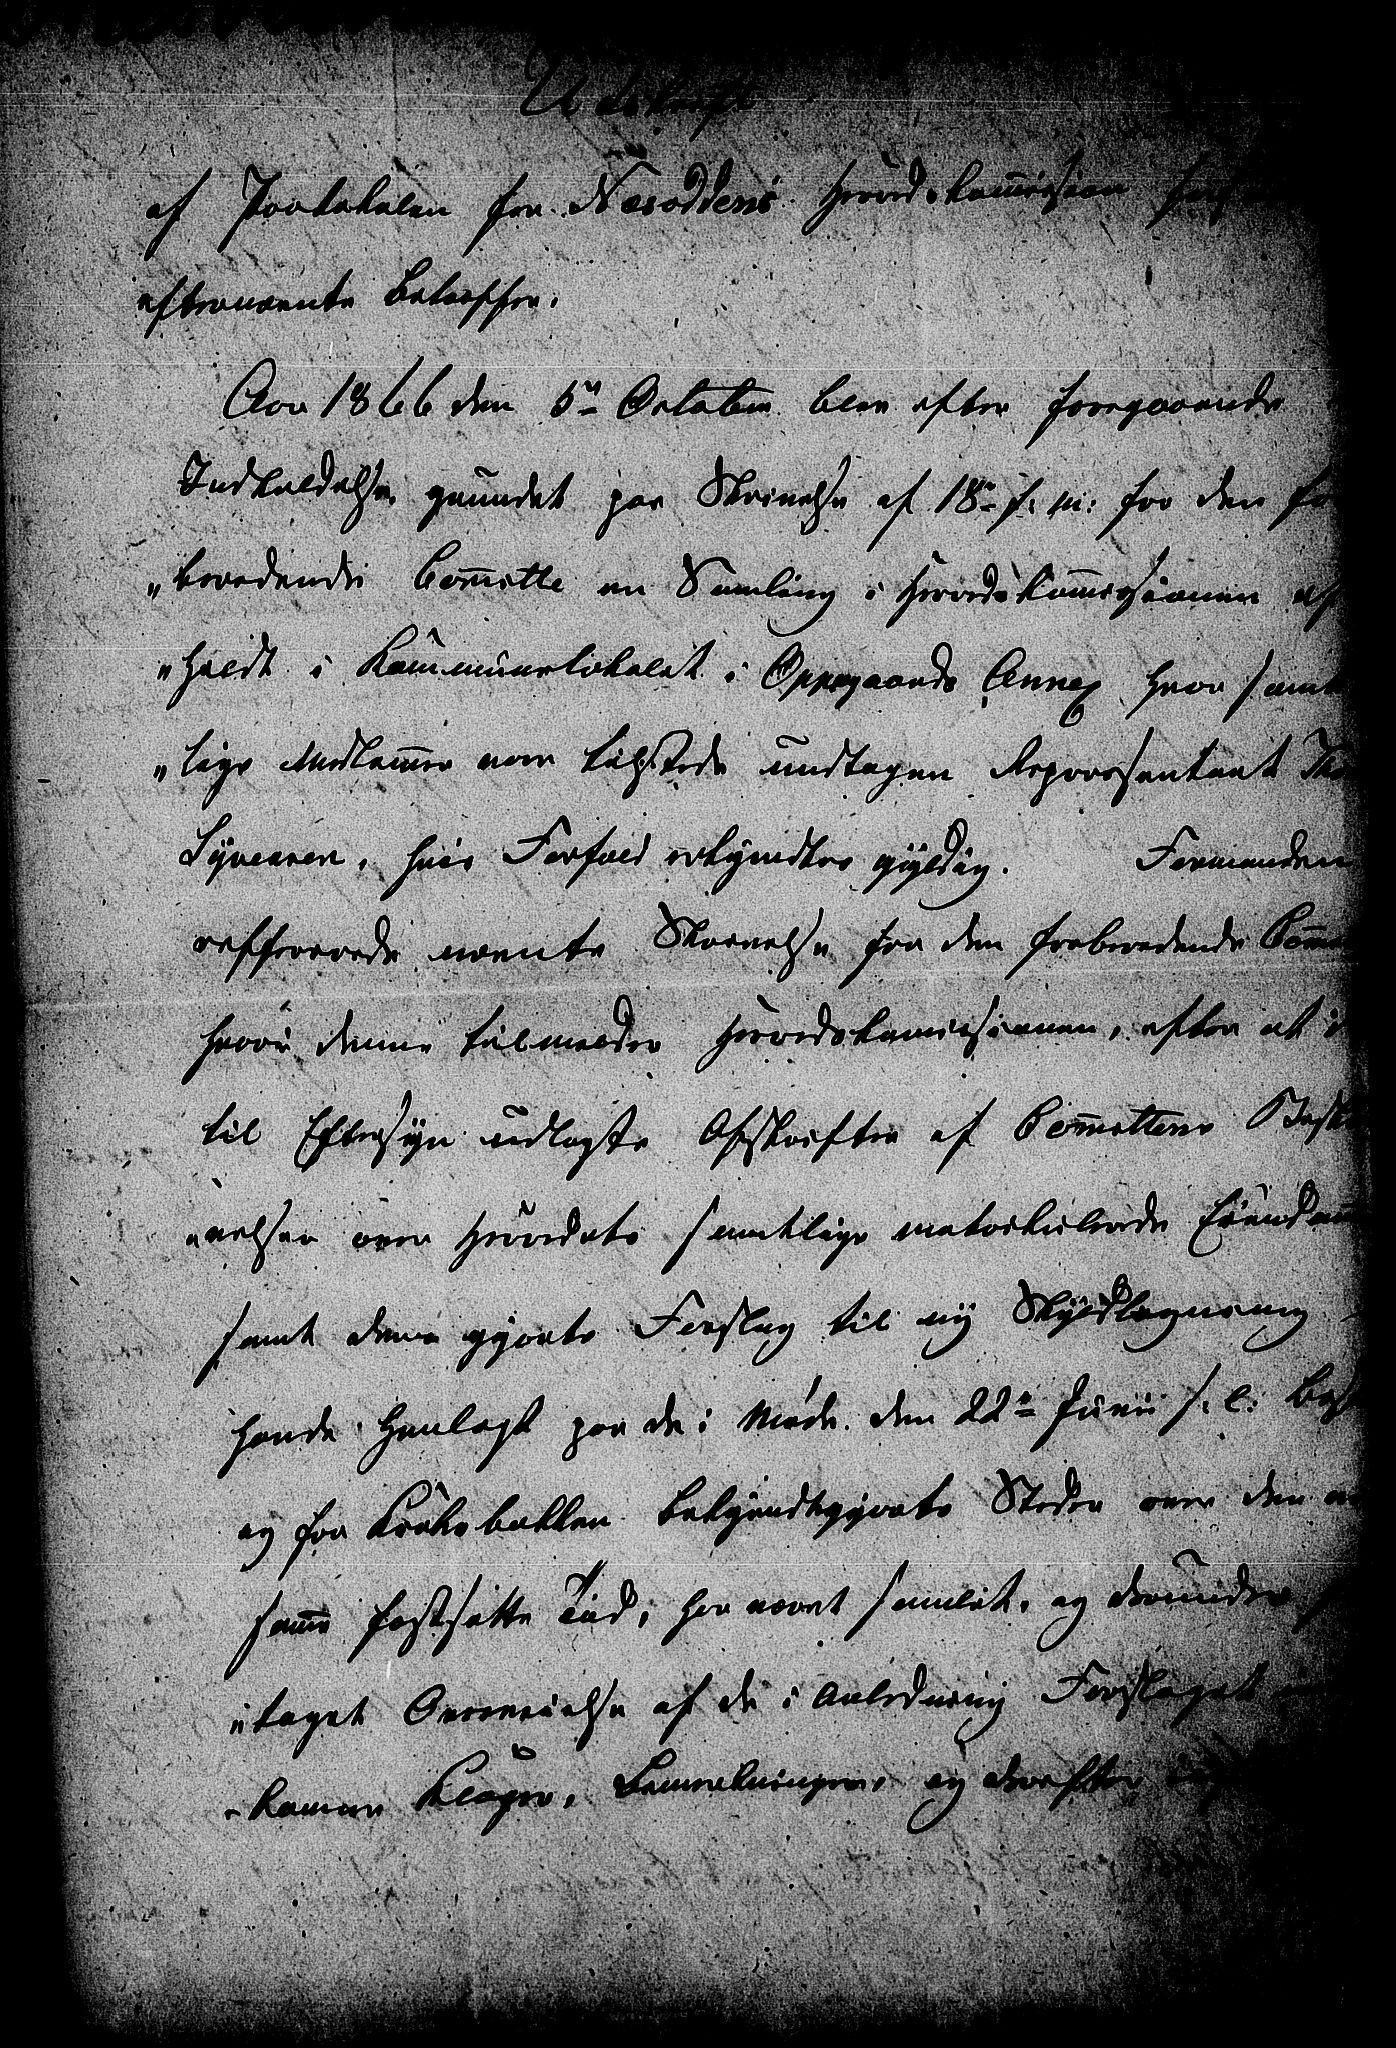 RA, Matrikkelrevisjonen av 1863, F/Fe/L0027: Nesodden, 1863